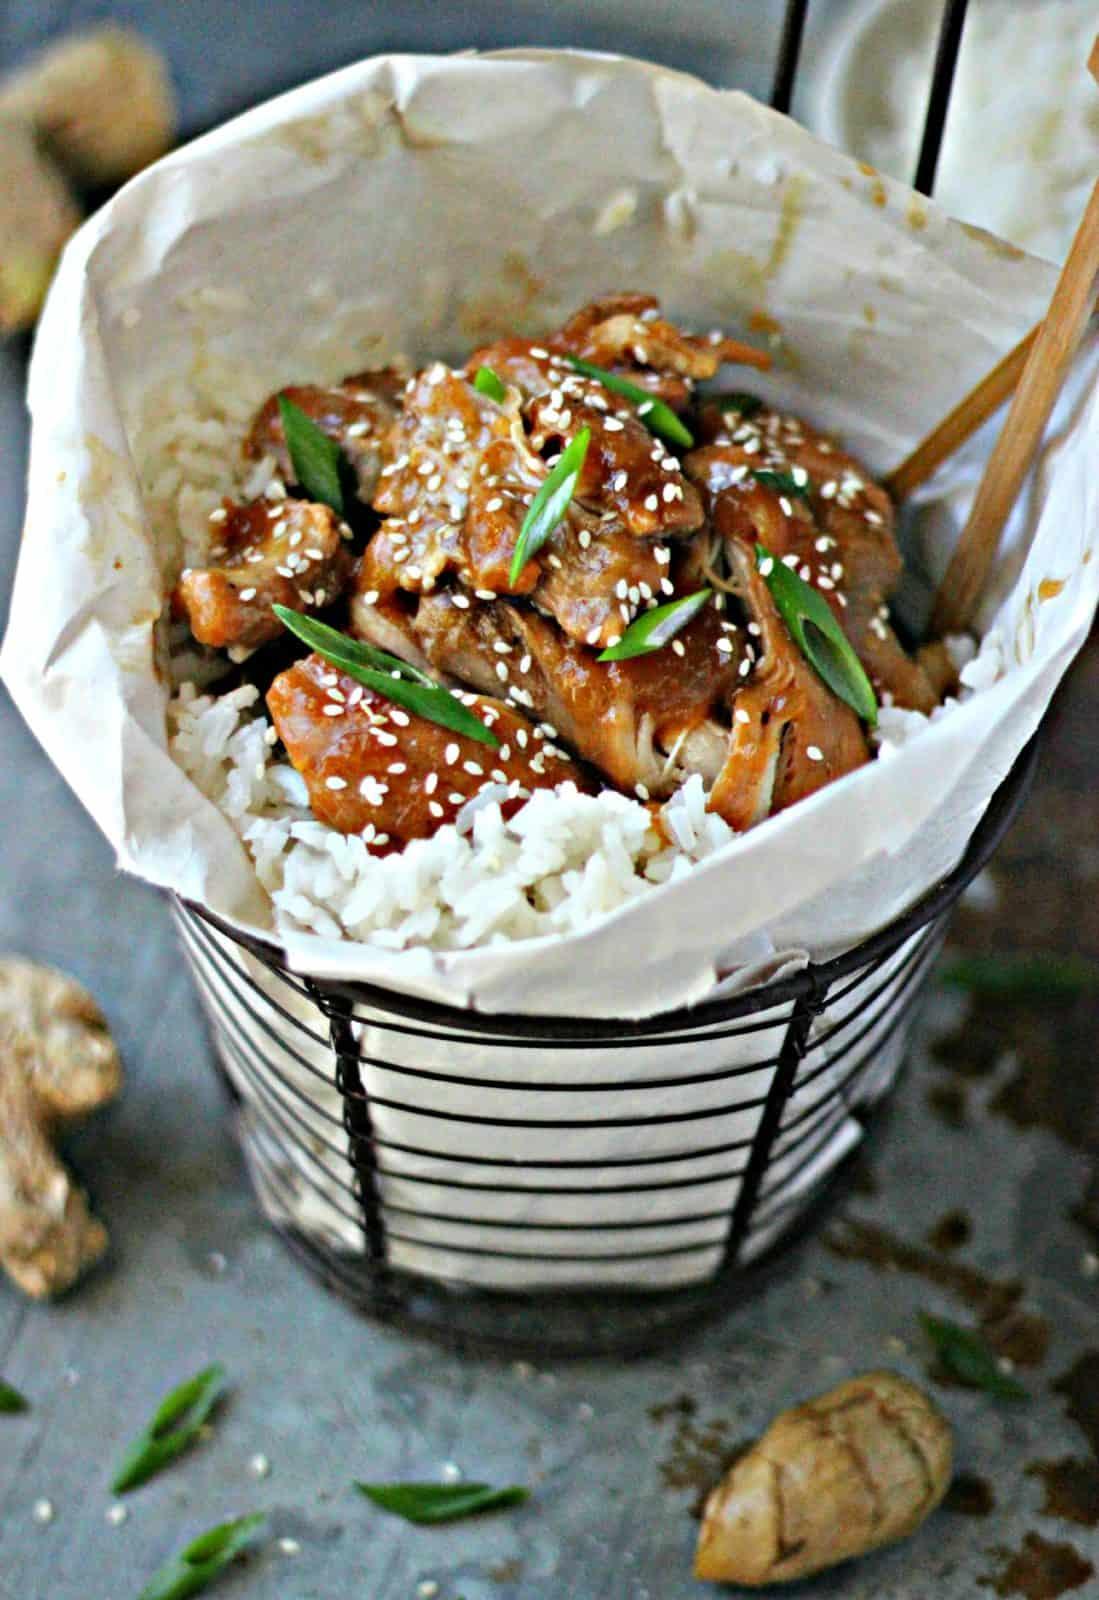 Shoyu chicken in a basket.